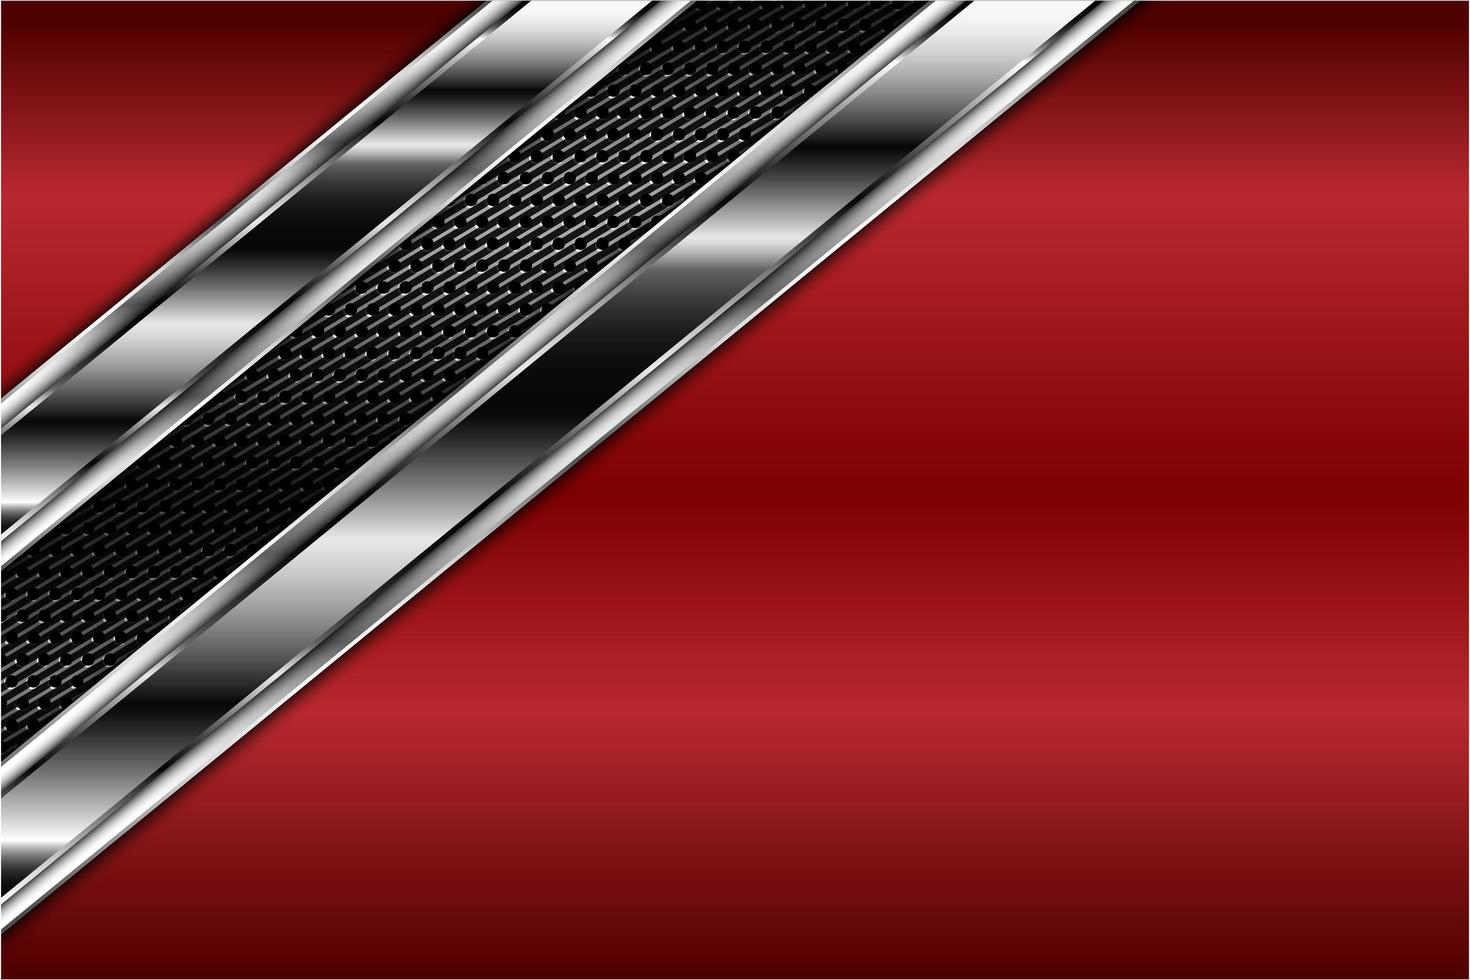 fond métallique rouge et argent avec texture sombre vecteur